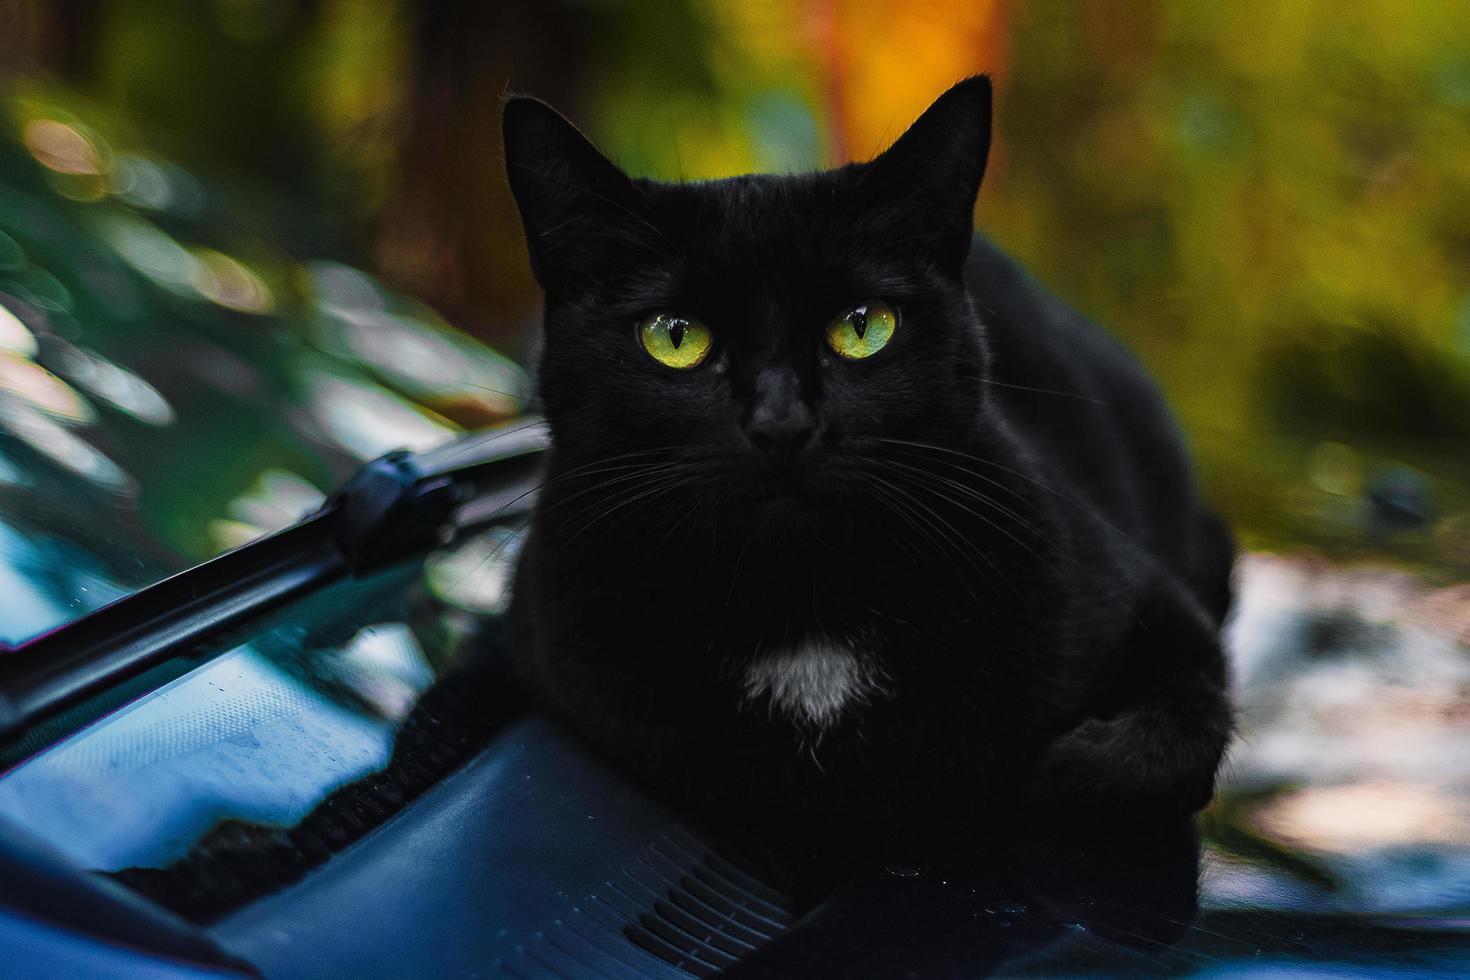 gros plan photo de chat noir